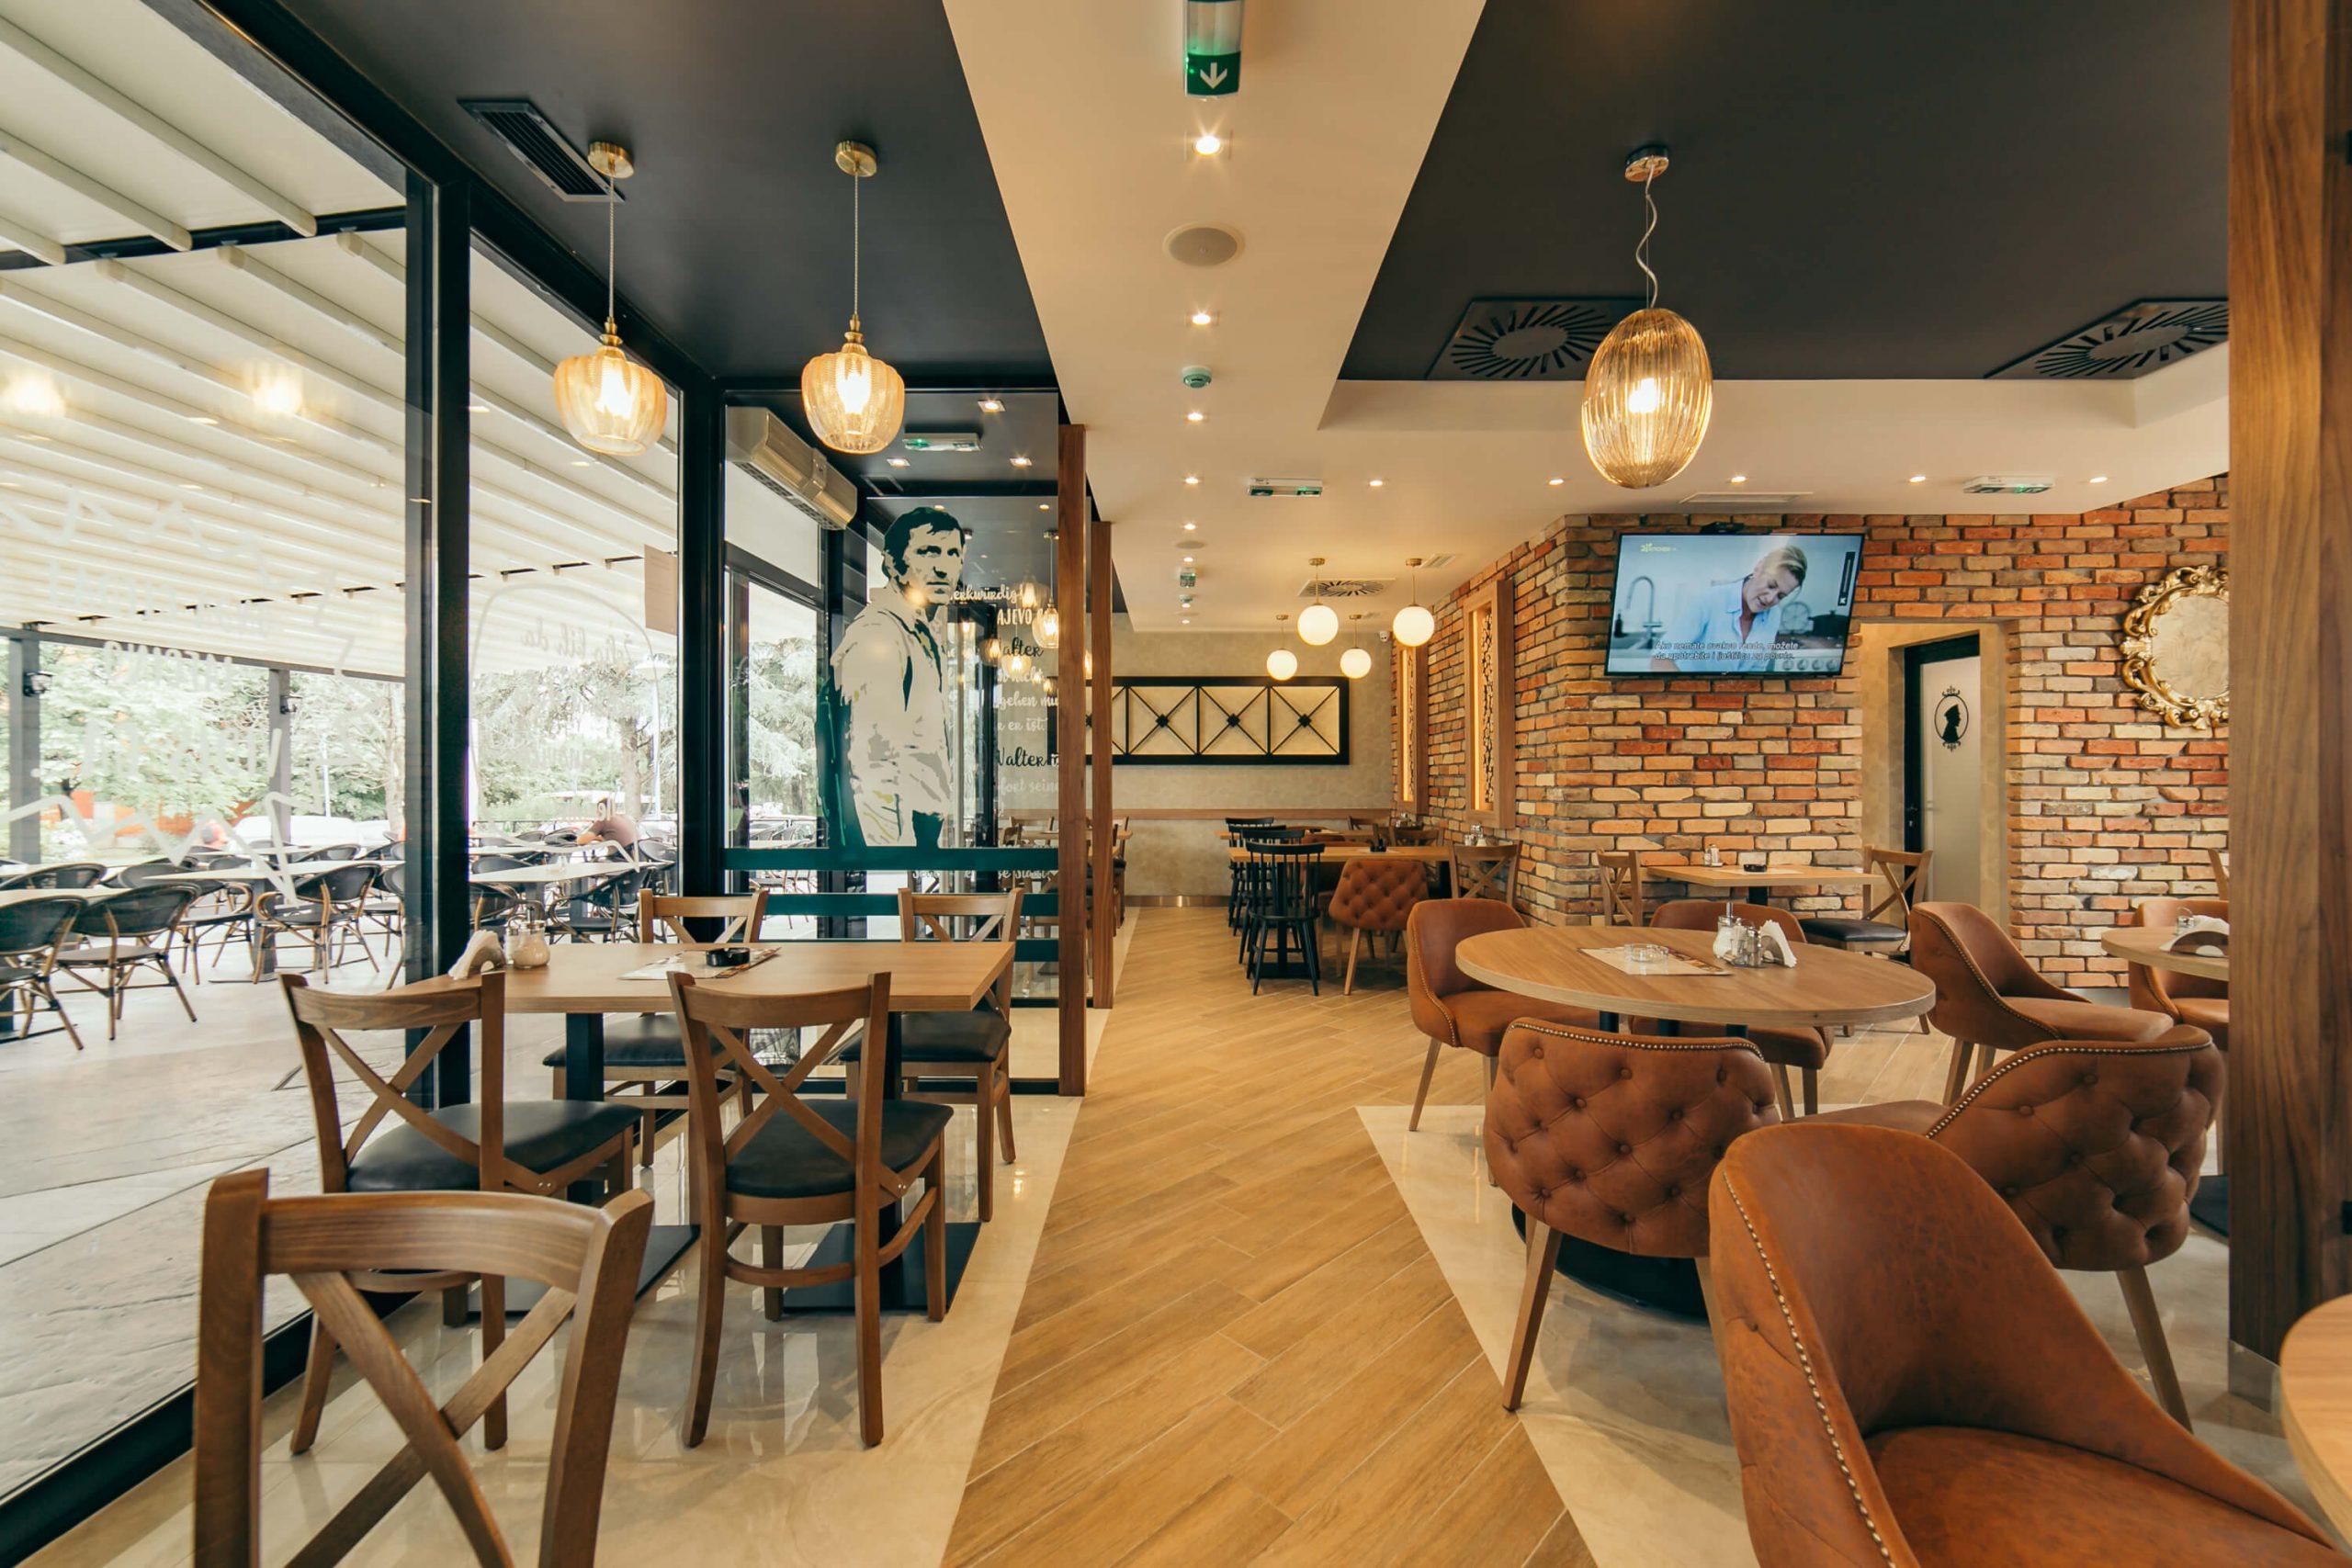 Walter restoran u Železniku: Naš početak